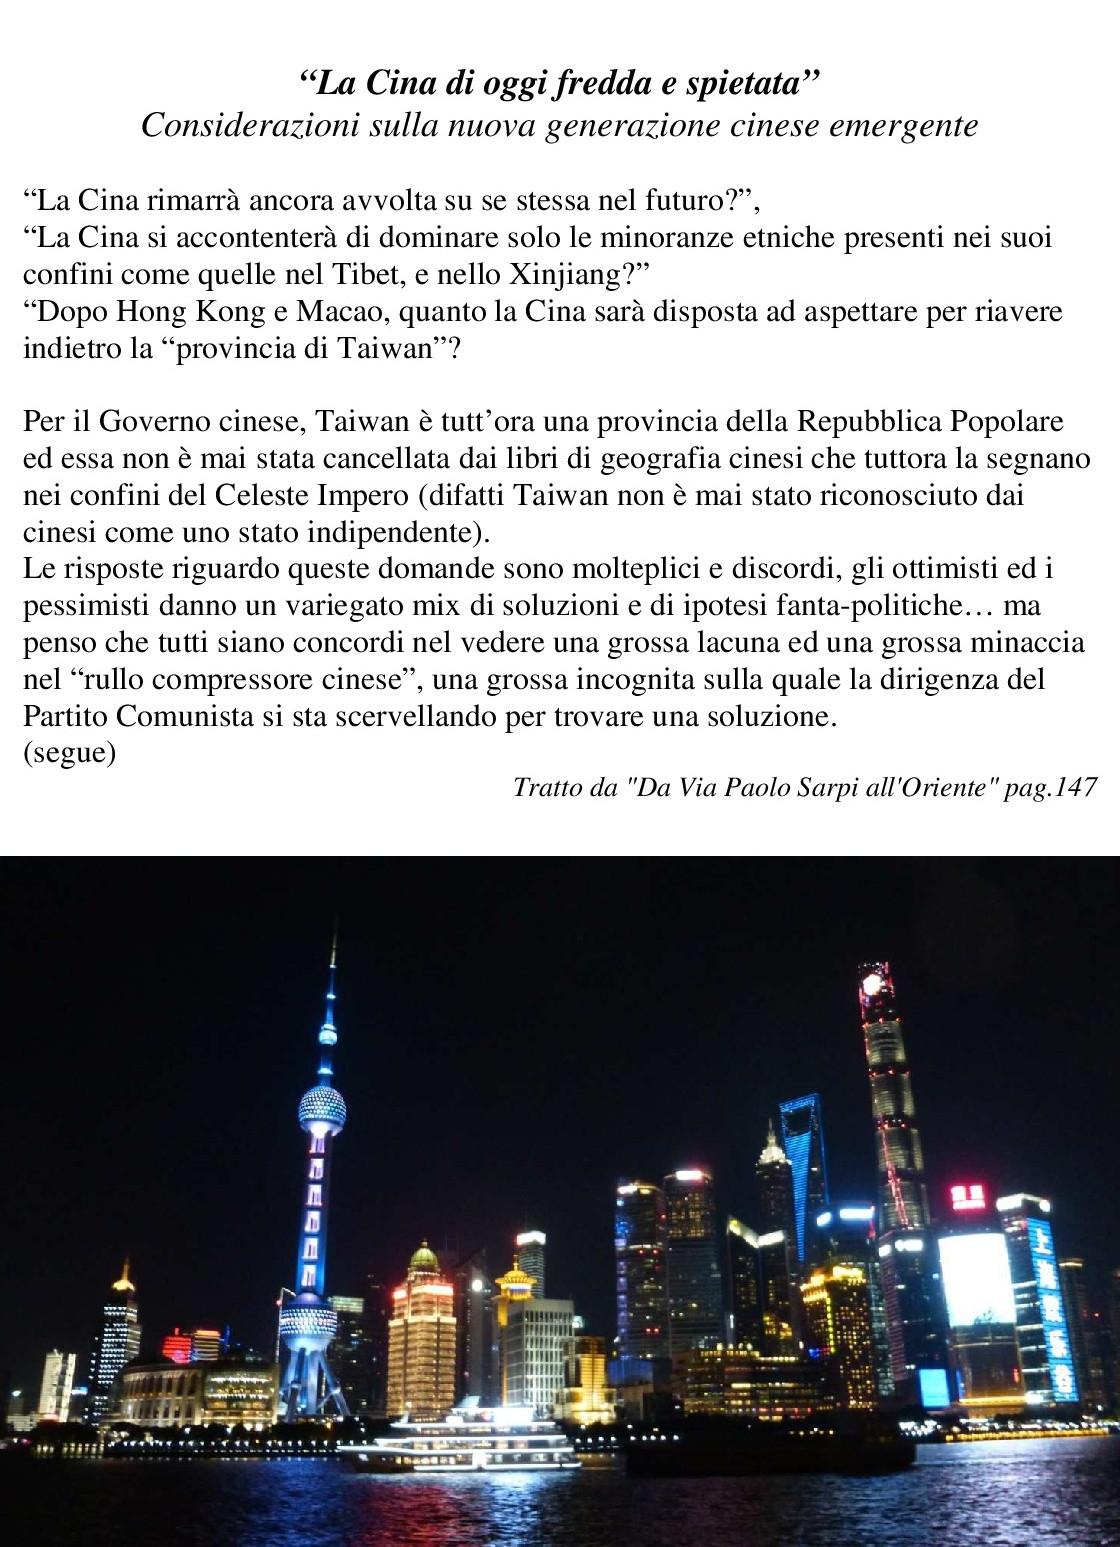 14 Poster La Cina di oggi fredda e spiet